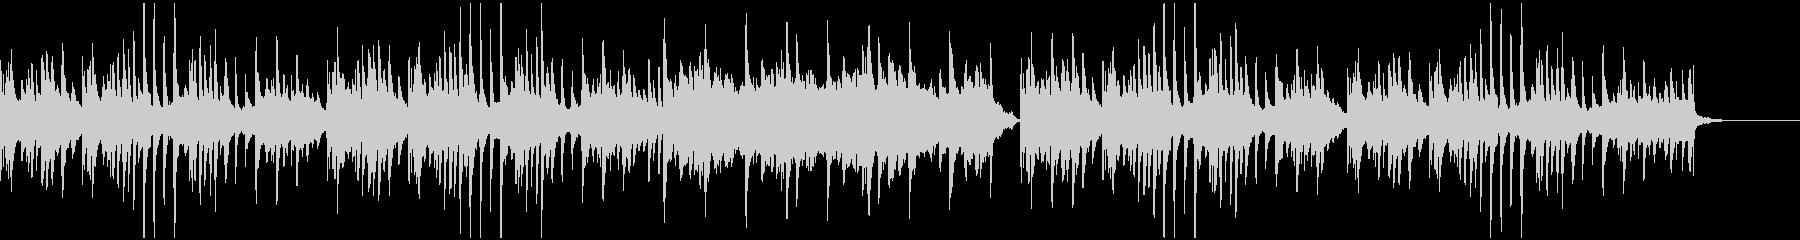 感動的な雰囲気のピアノ曲の未再生の波形